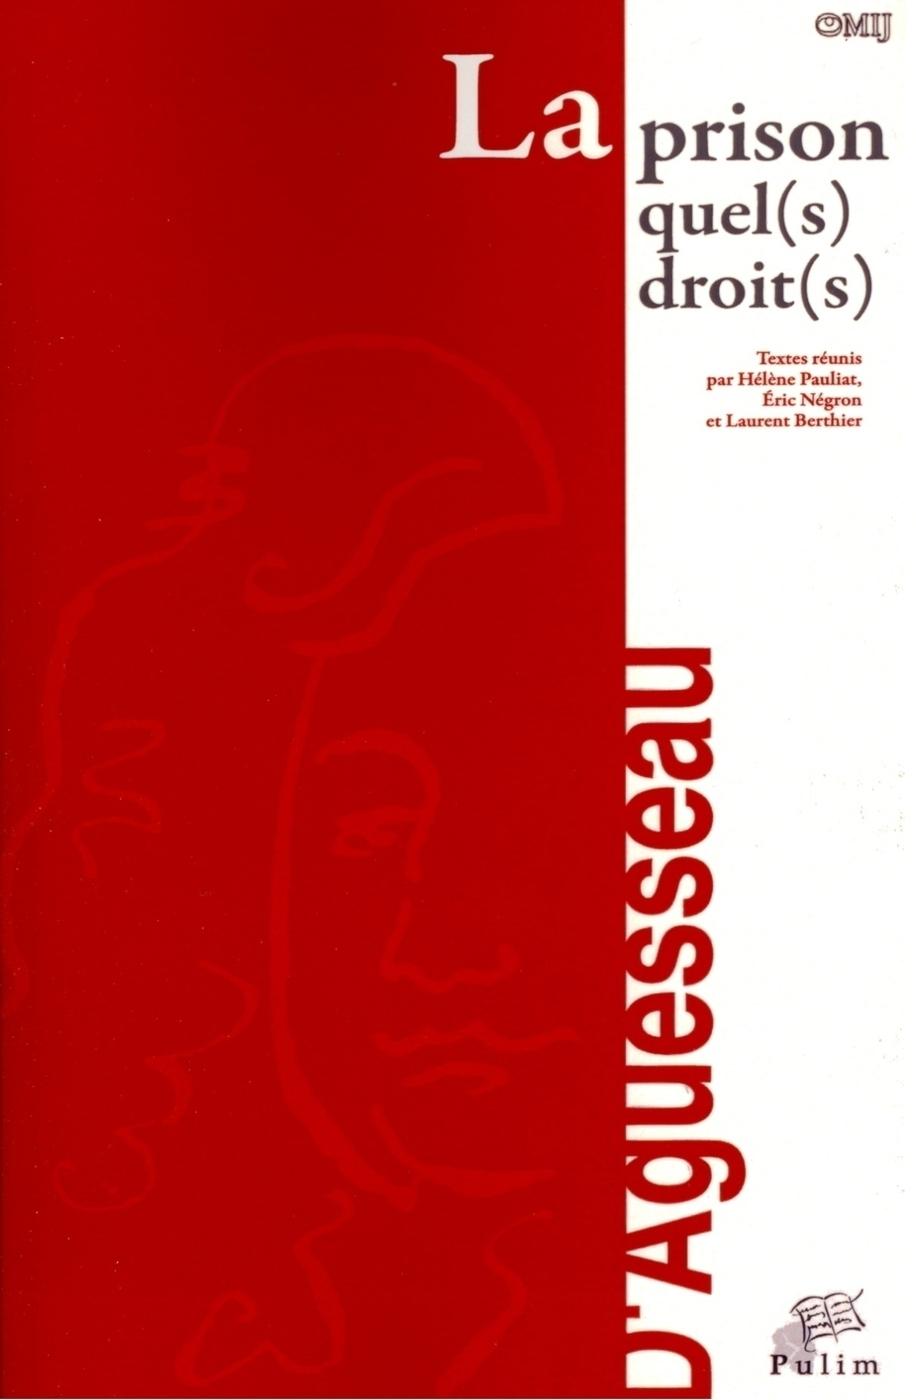 LA PRISON QUEL(S) DROIT(S)